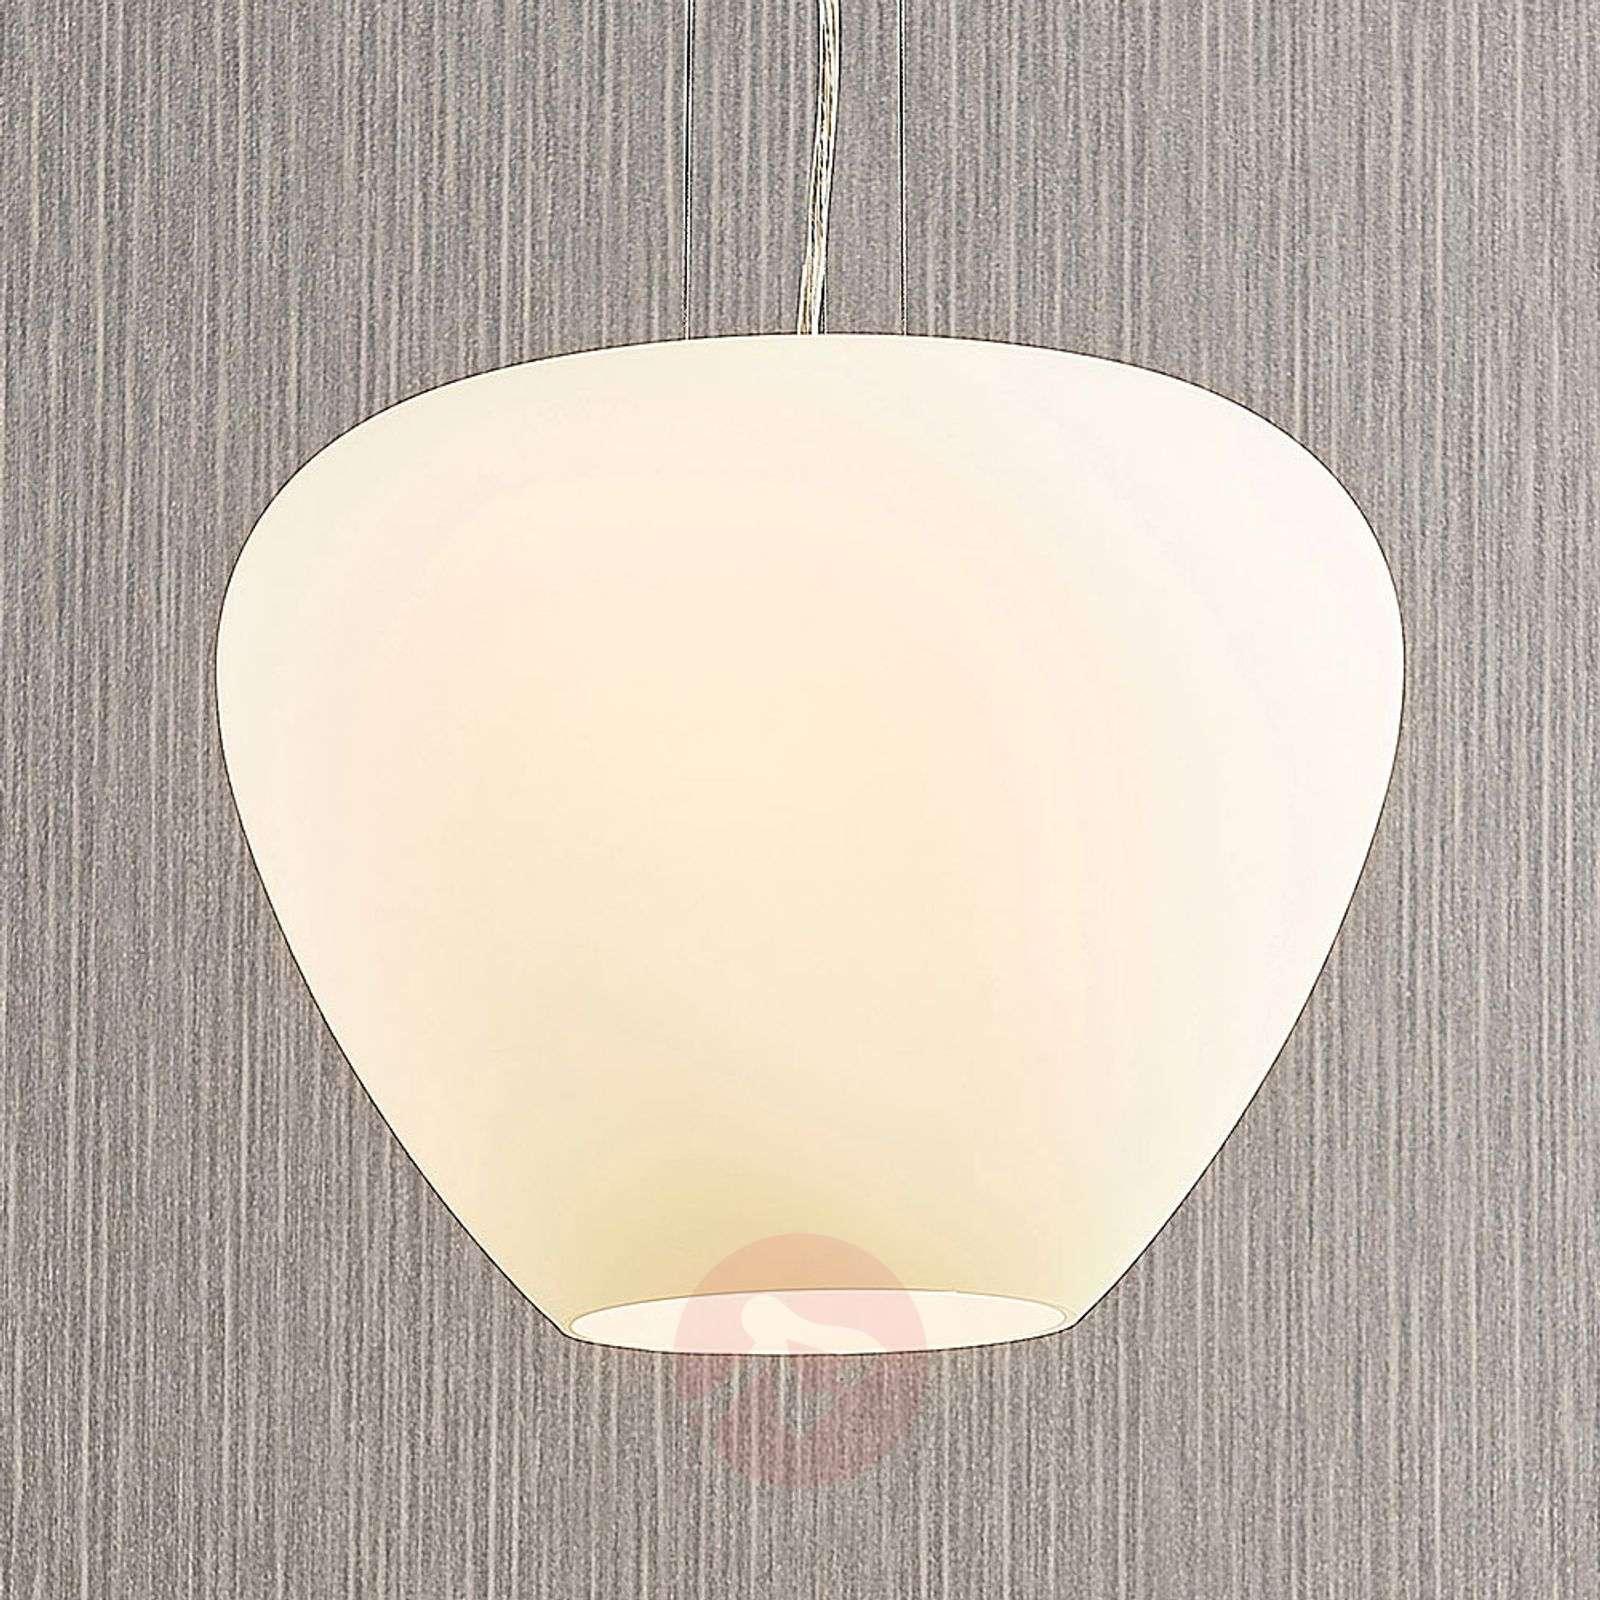 Lasinen riippuvalo Bibiane, opaalinvalkoinen-9624445-02